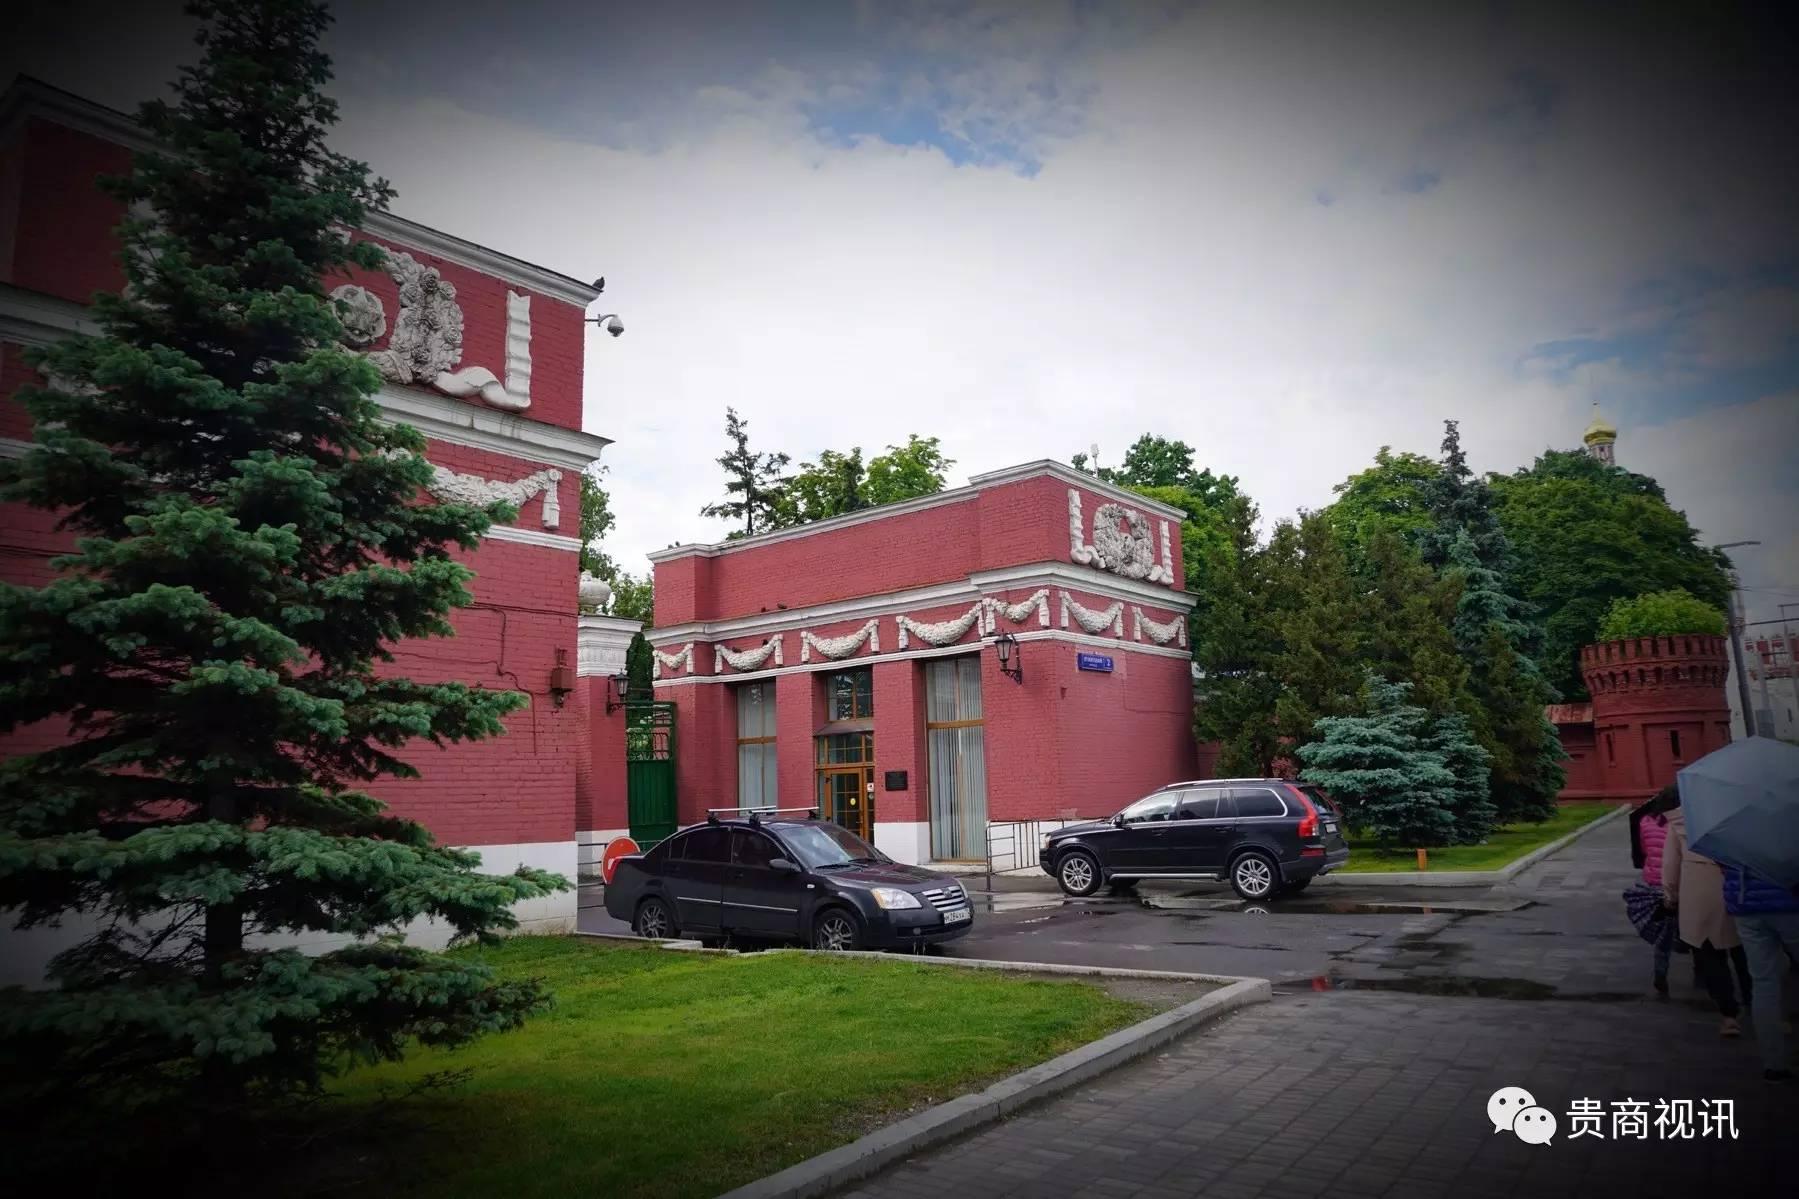 新圣女公墓―雕塑灵魂的艺术馆    莫斯科全部景点观光中排第12名。莫斯科的新圣女公墓,是各国游客最爱去的地方,许多曾经对俄罗斯历史发展进程中起过推动作用的名人都长眠于此。墓主的灵魂与墓碑的艺术巧妙结合,形成了特有的俄罗斯墓园文化。  新圣女公墓,始建于16世纪的新圣母公墓位于莫斯科城的西南部,自19世纪开始成为俄罗斯著名知识分子和各界名流的最后归宿。墓主的灵魂与墓碑的艺术巧妙结合,形成了特有的俄罗斯墓园文化。该公墓占地7.5公顷,埋葬着2.6万多位俄罗斯各个历史时期的名人,每年吸引数百万的游客参观。是欧洲三大公墓之一(维也纳中央公墓、巴黎拉雪兹神父公墓和莫斯科新圣女公墓)。